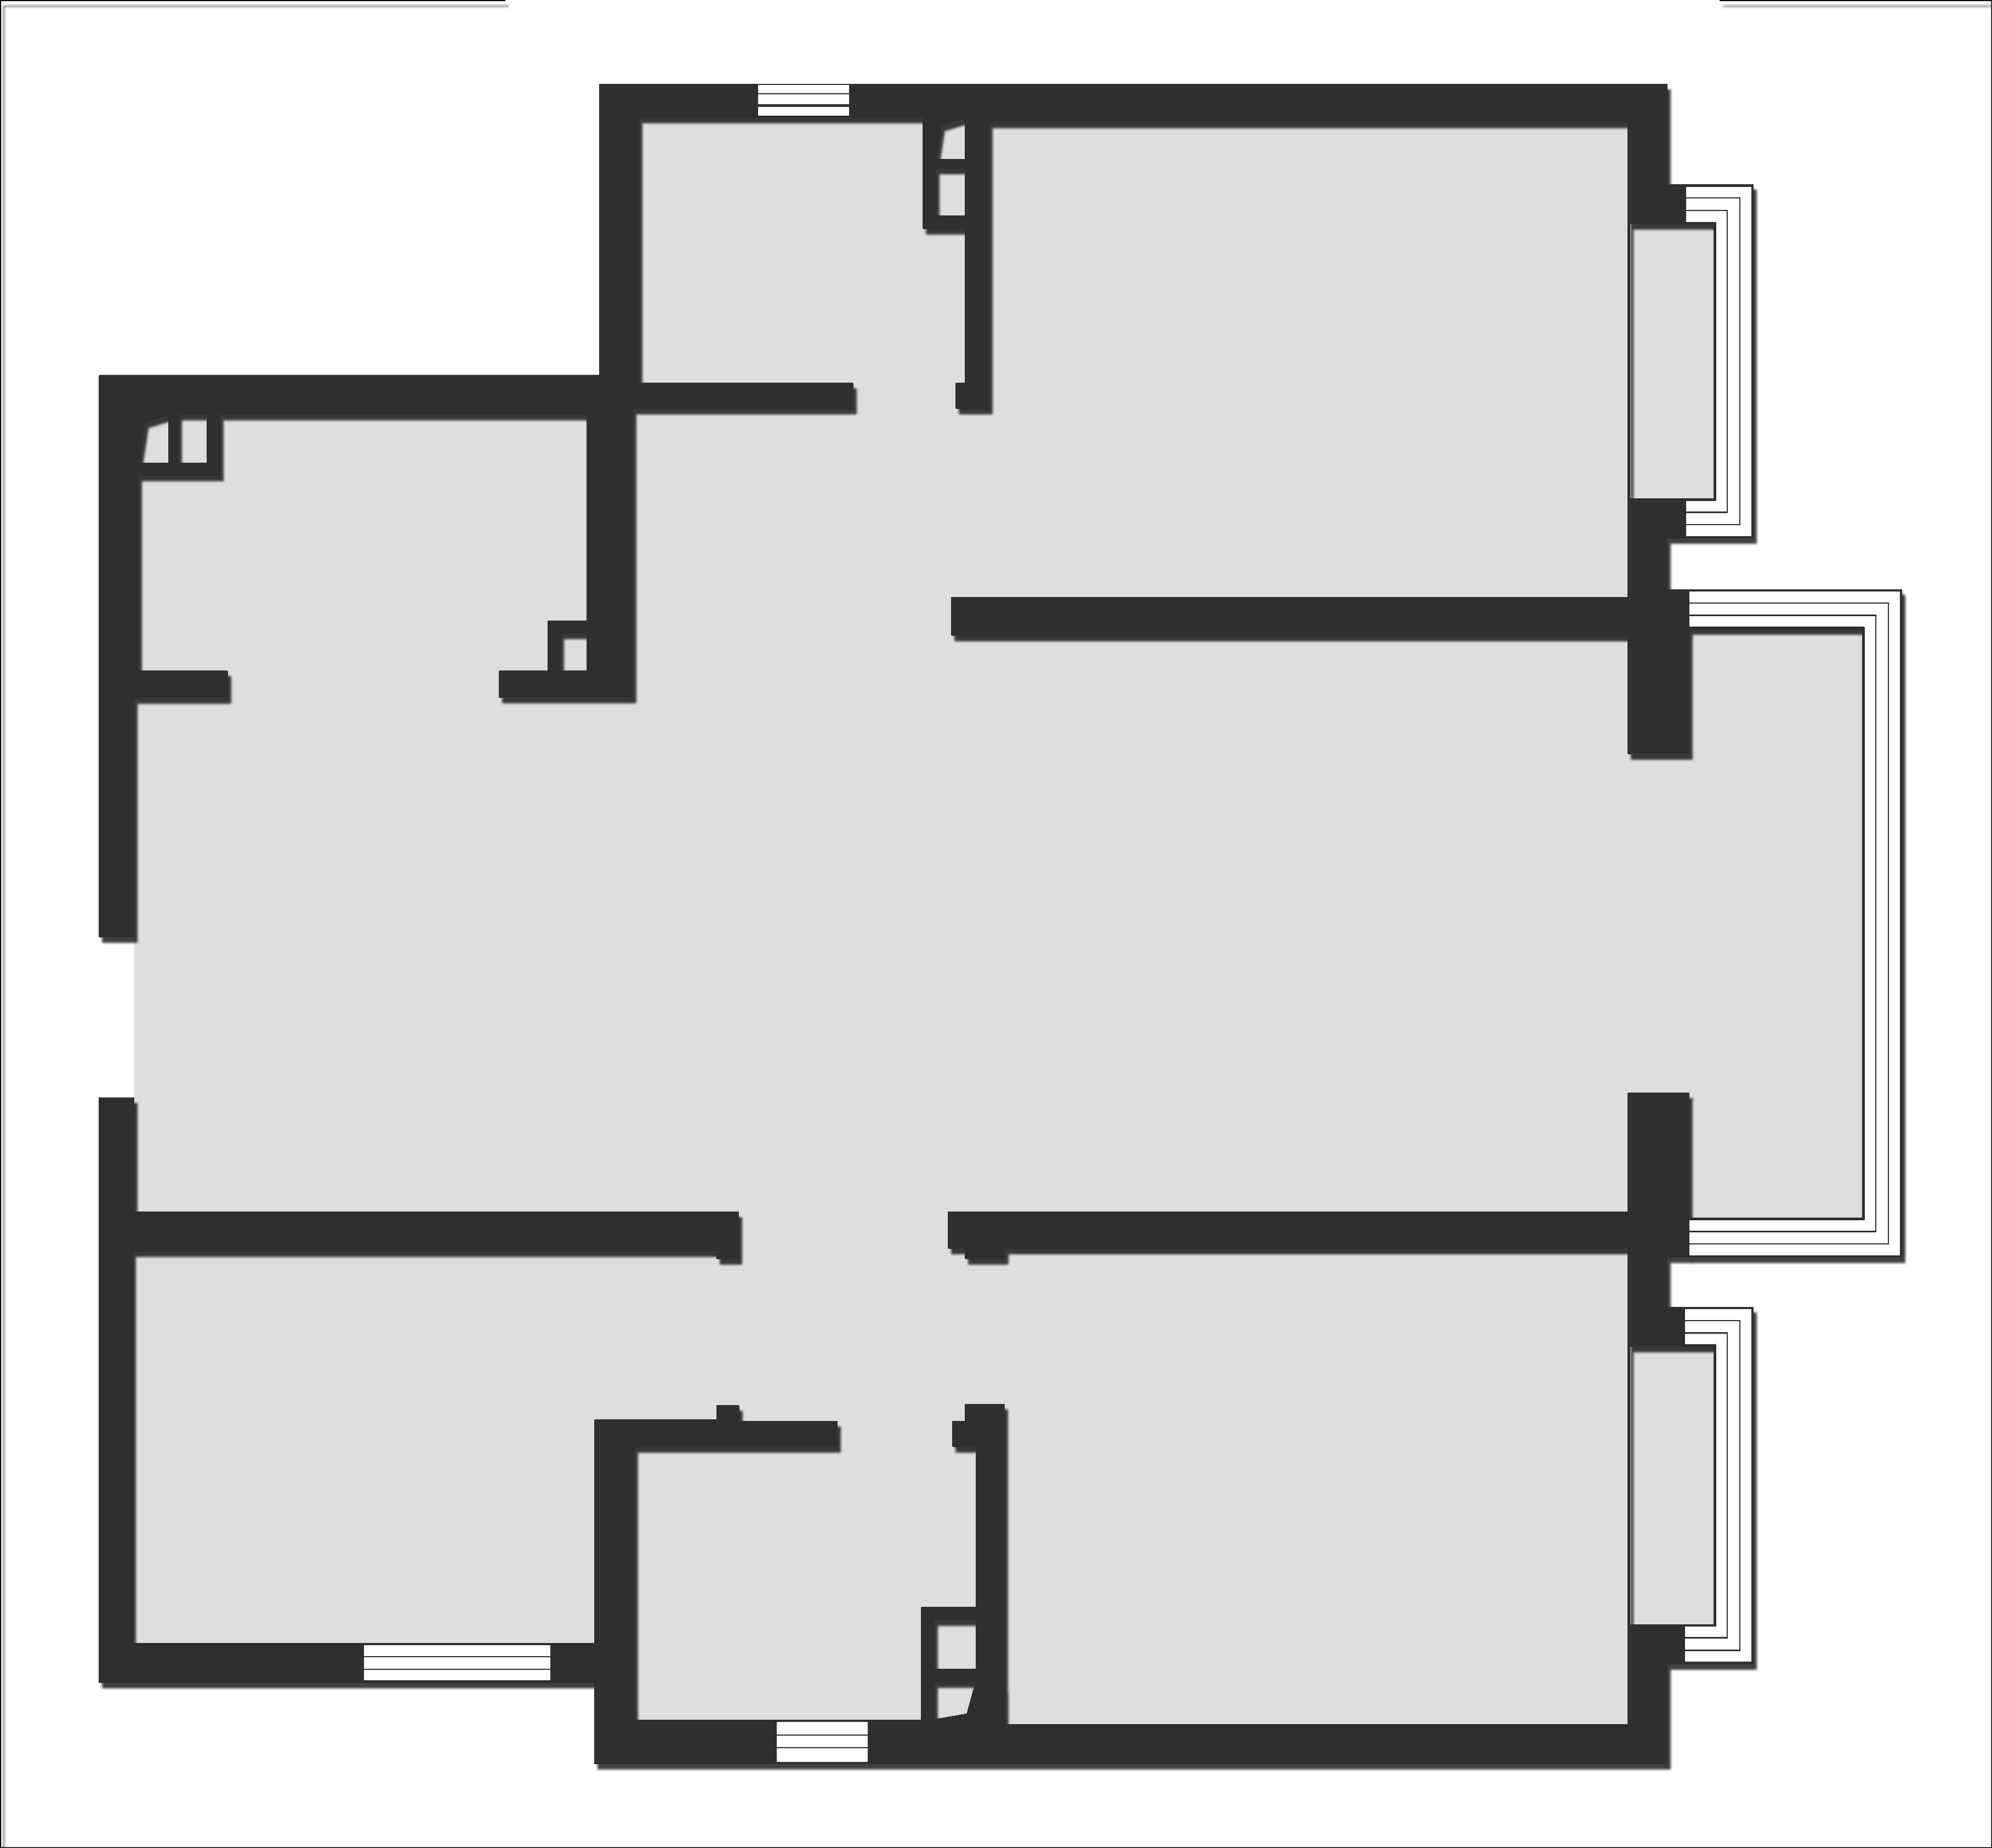 恒大御景半岛135平三室二厅现代简约风格装修案例装修设计理念